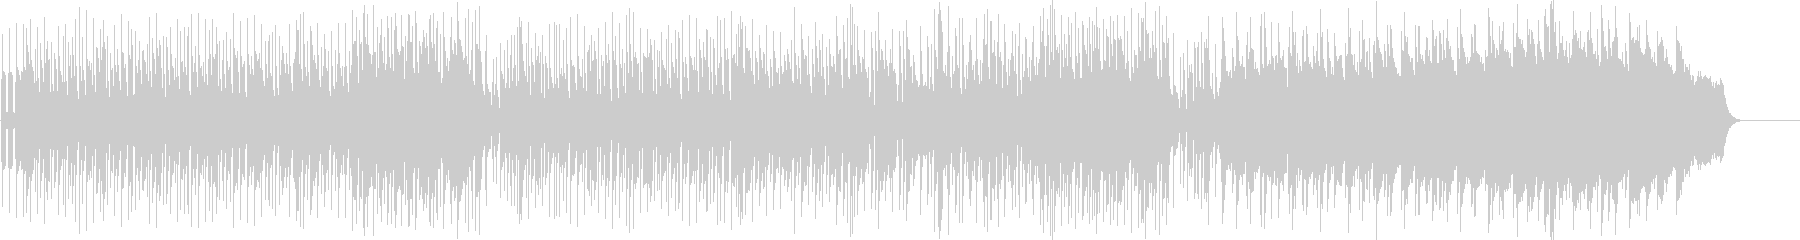 オリエンタルムードの変化のあるポップスの未再生の波形